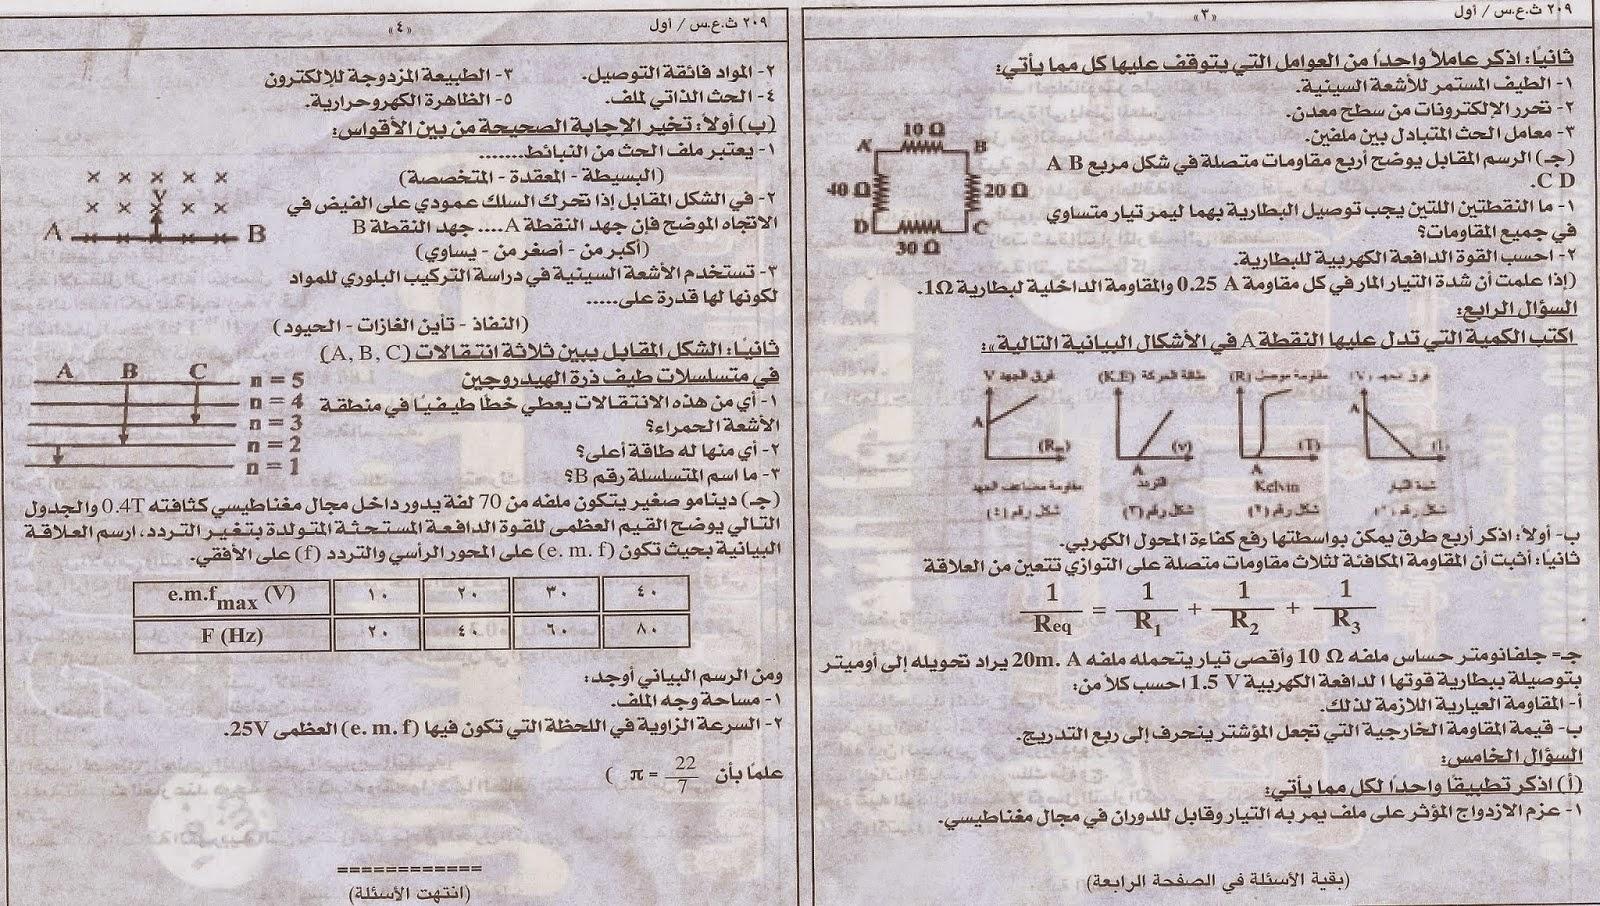 نموذج الوزارة الرسمى أسئلة واجابة امتحان فيزياء السودان2015 نظام حديث Www.modars1.com_1234567892